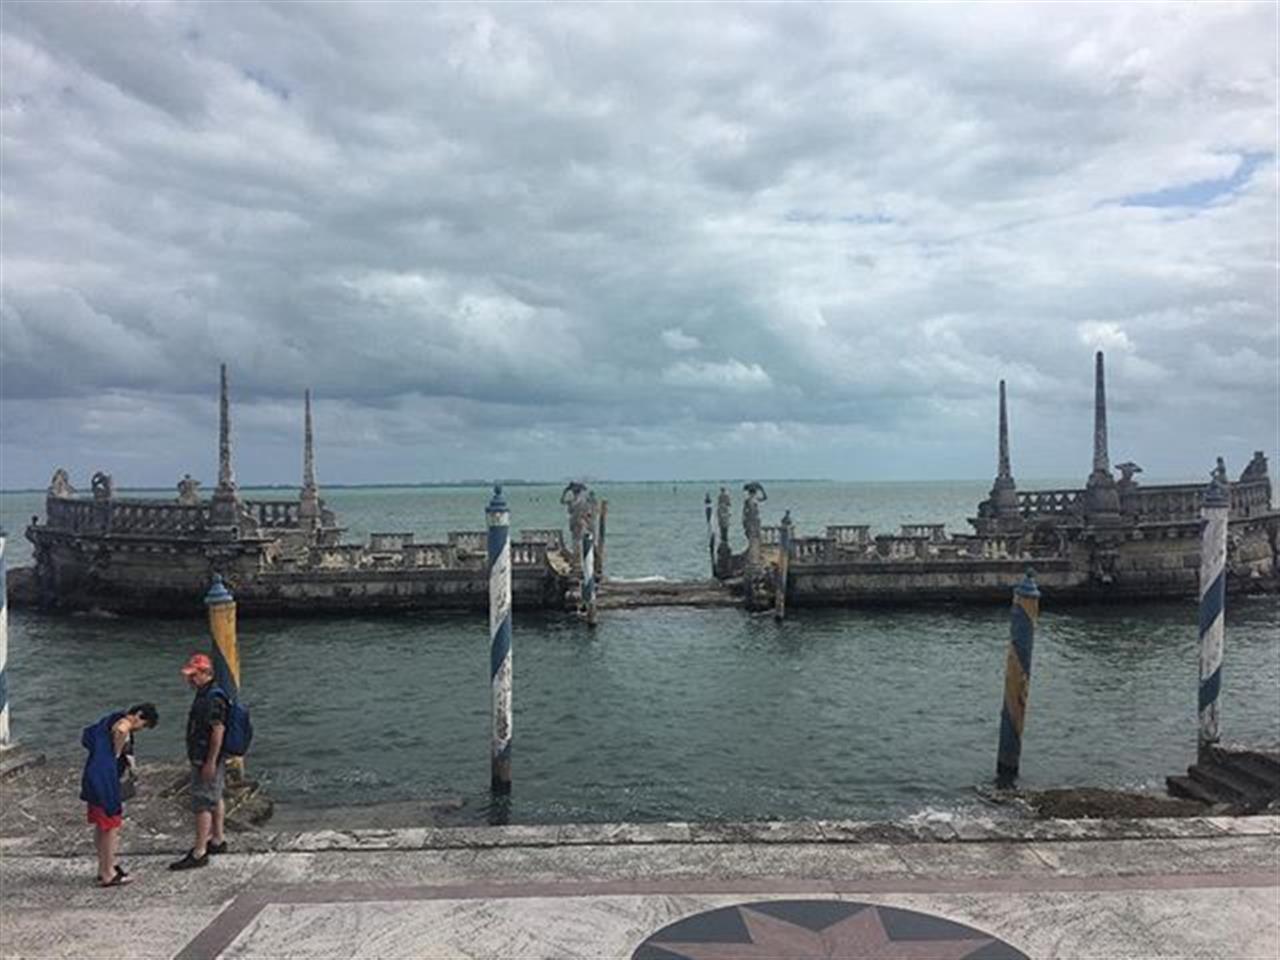 #Miami #museums #gardens #vacation #ocean #leadingrelocal